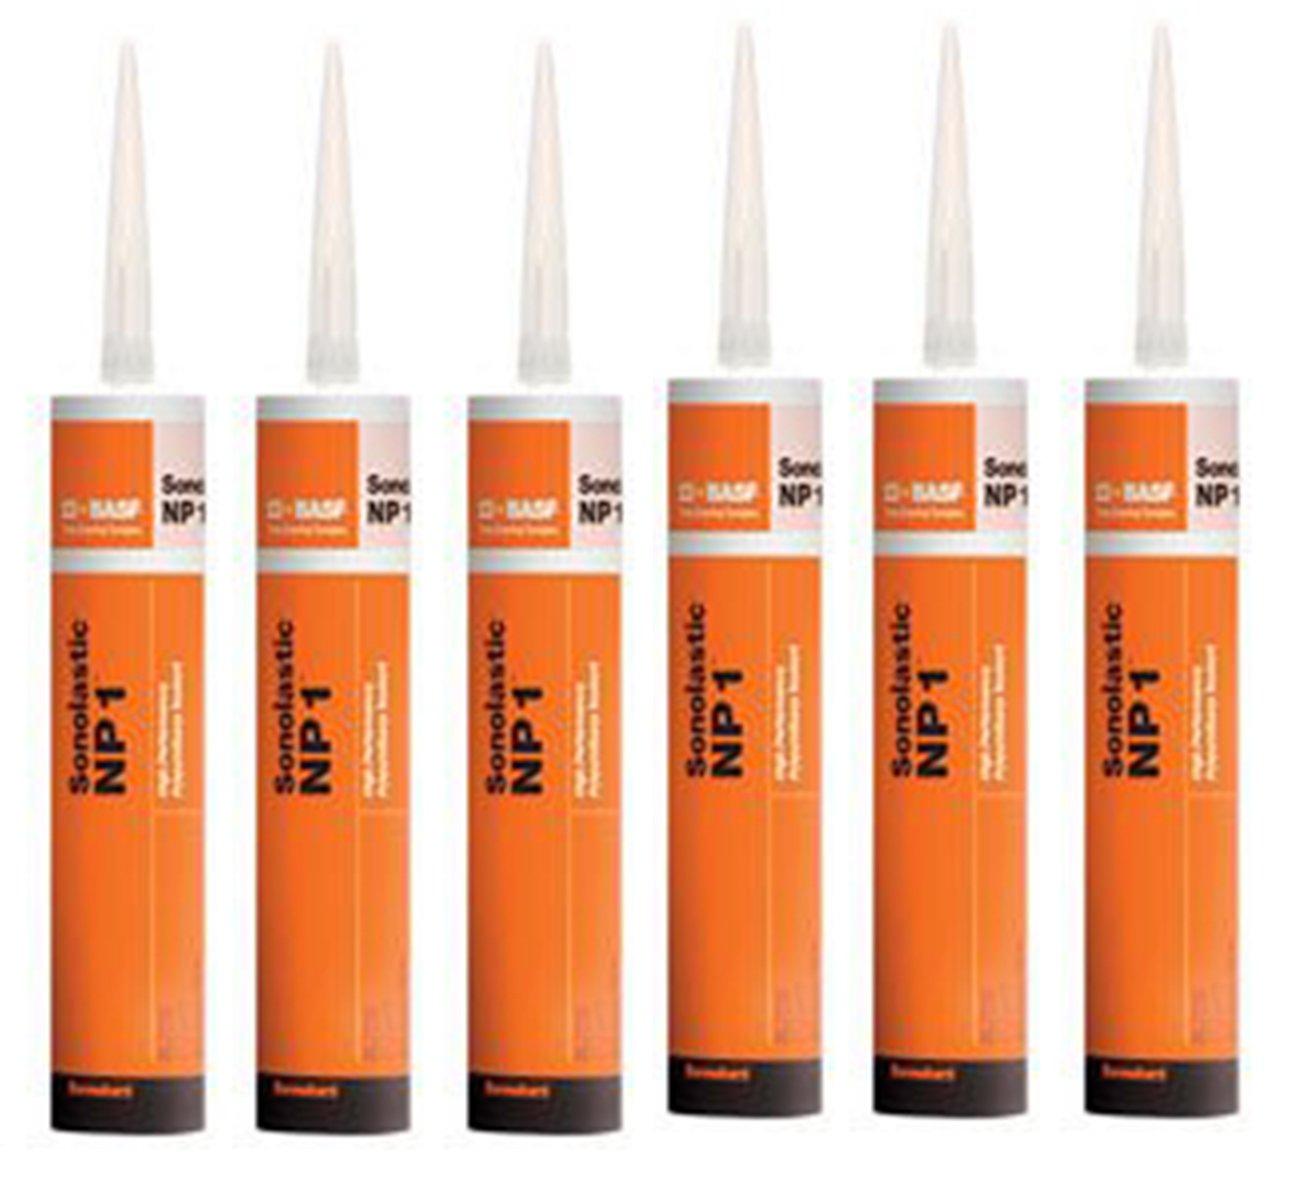 BASF Sealant NP1 Polyurethane White 10.1 Oz - Case of 6